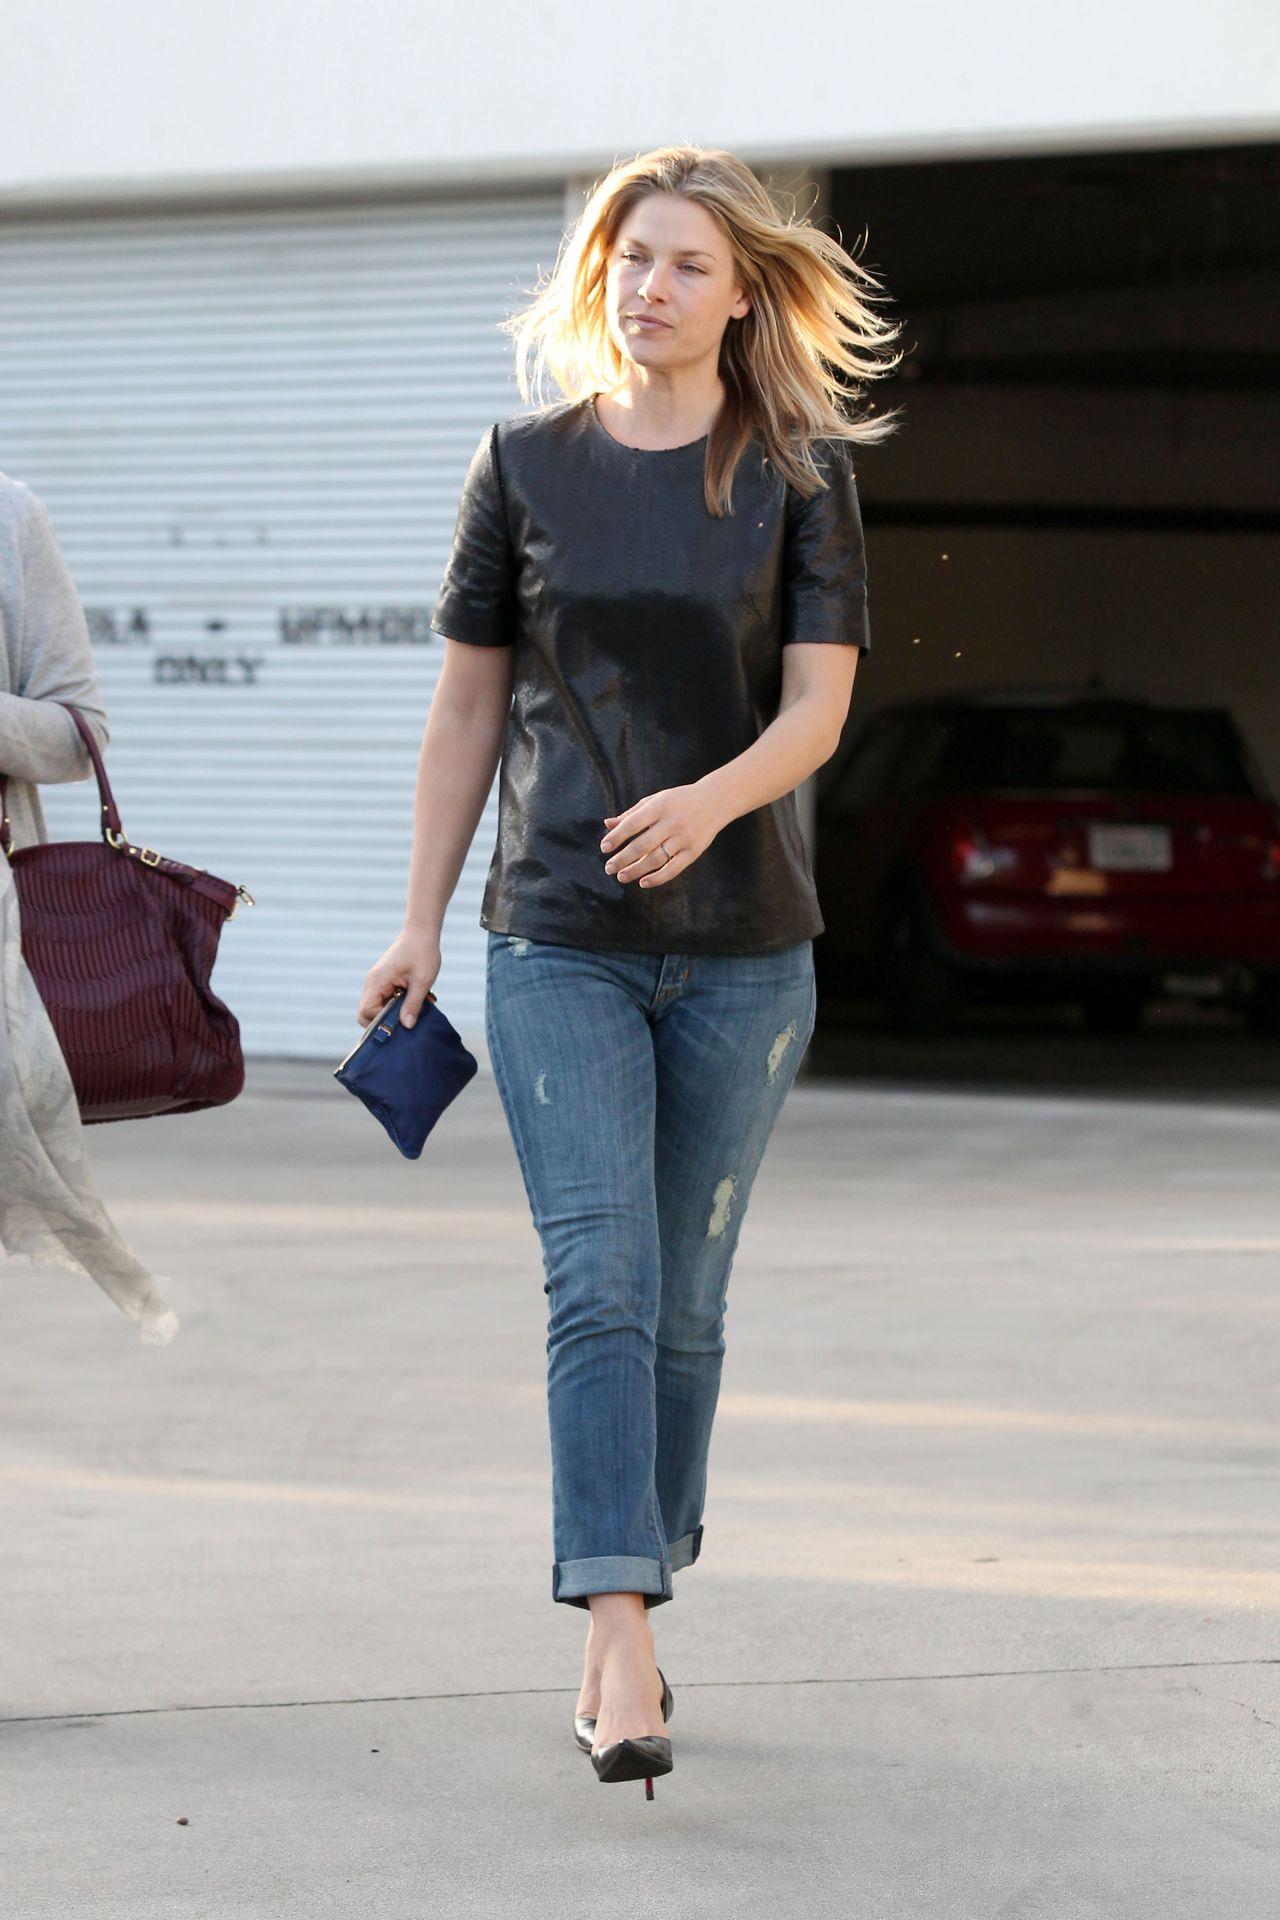 Ali Larter Street Style In Jeans In Los Angeles Jan 2014